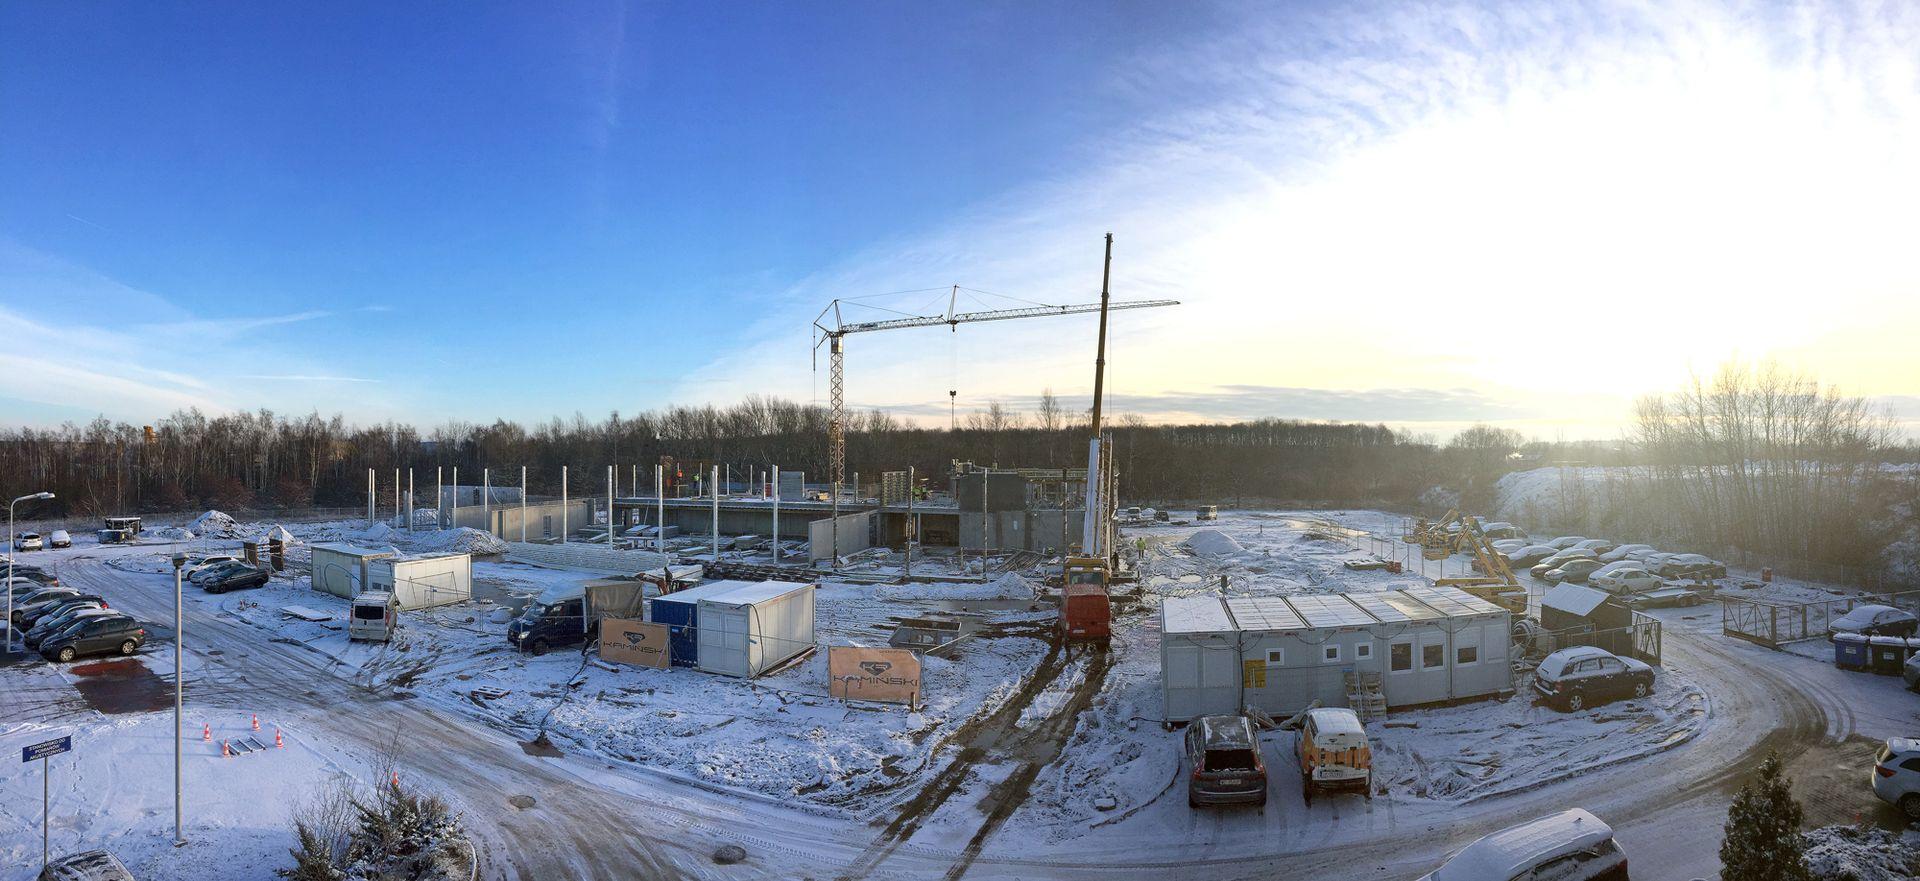 Wrocław: Wrobud tworzy centrum motoryzacyjne w sąsiedztwie AOW [WIZUALIZACJA]